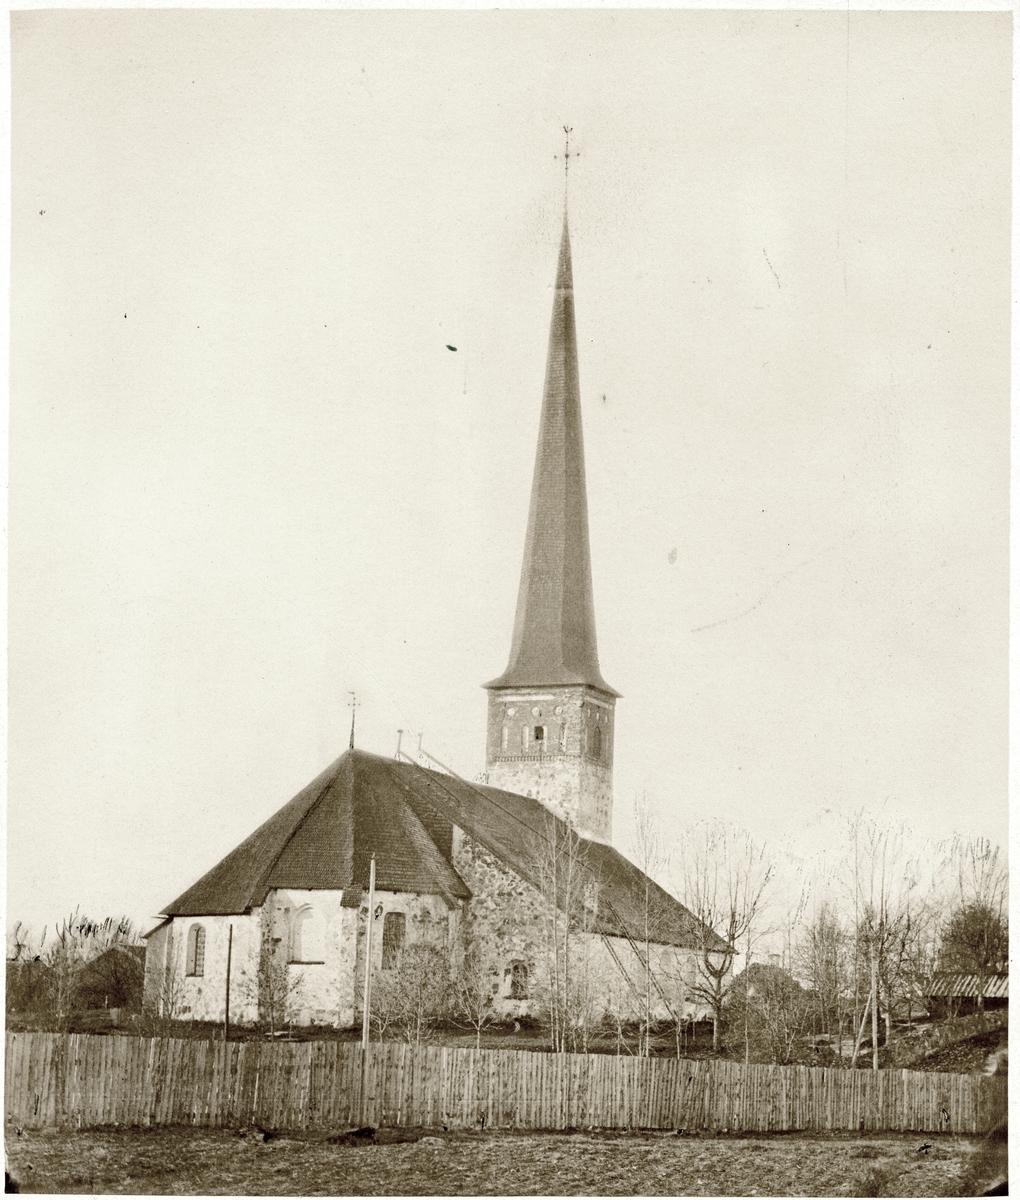 Vggmlning i St. Nicolai kyrka i rebro - Picture of S:t Nicolai